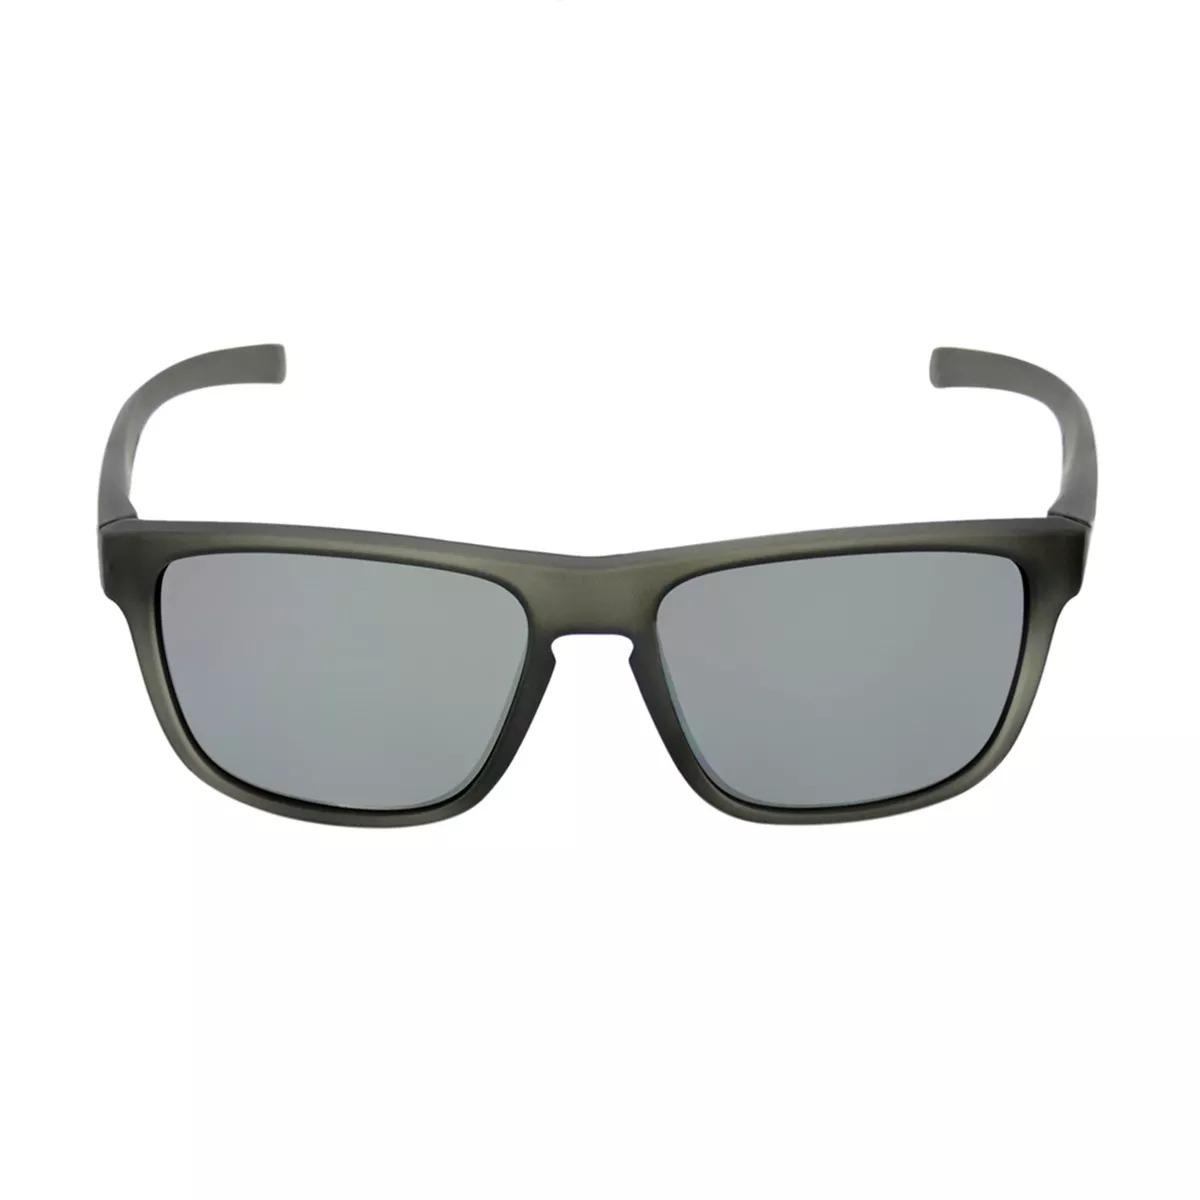 99c135d6d8415 Óculos Hb H-bomb Matte Onix - R  179,90 em Mercado Livre